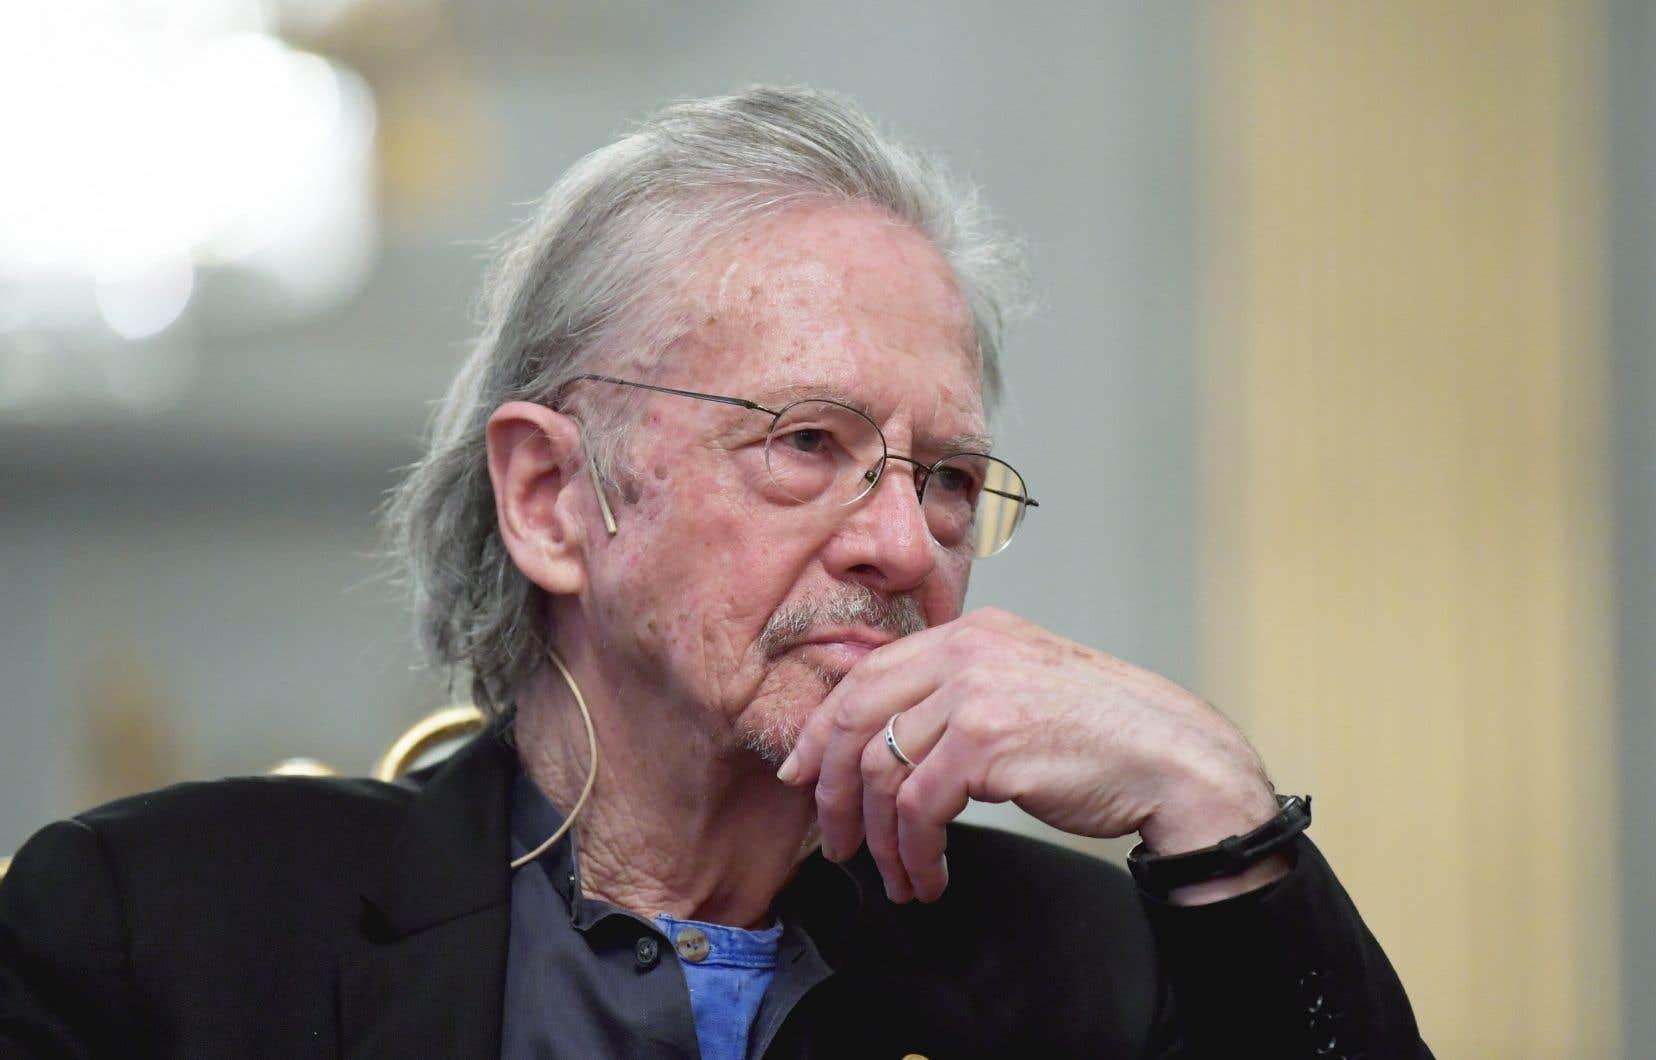 «Concernant Peter Handke, la question essentielle me semble celle-ci: l'ensemble de son oeuvre est-elle concentrée autour des opinions qu'il a émises en 1995-1996, lors de la guerre en ex-Yougoslavie?», se questionne l'auteur.